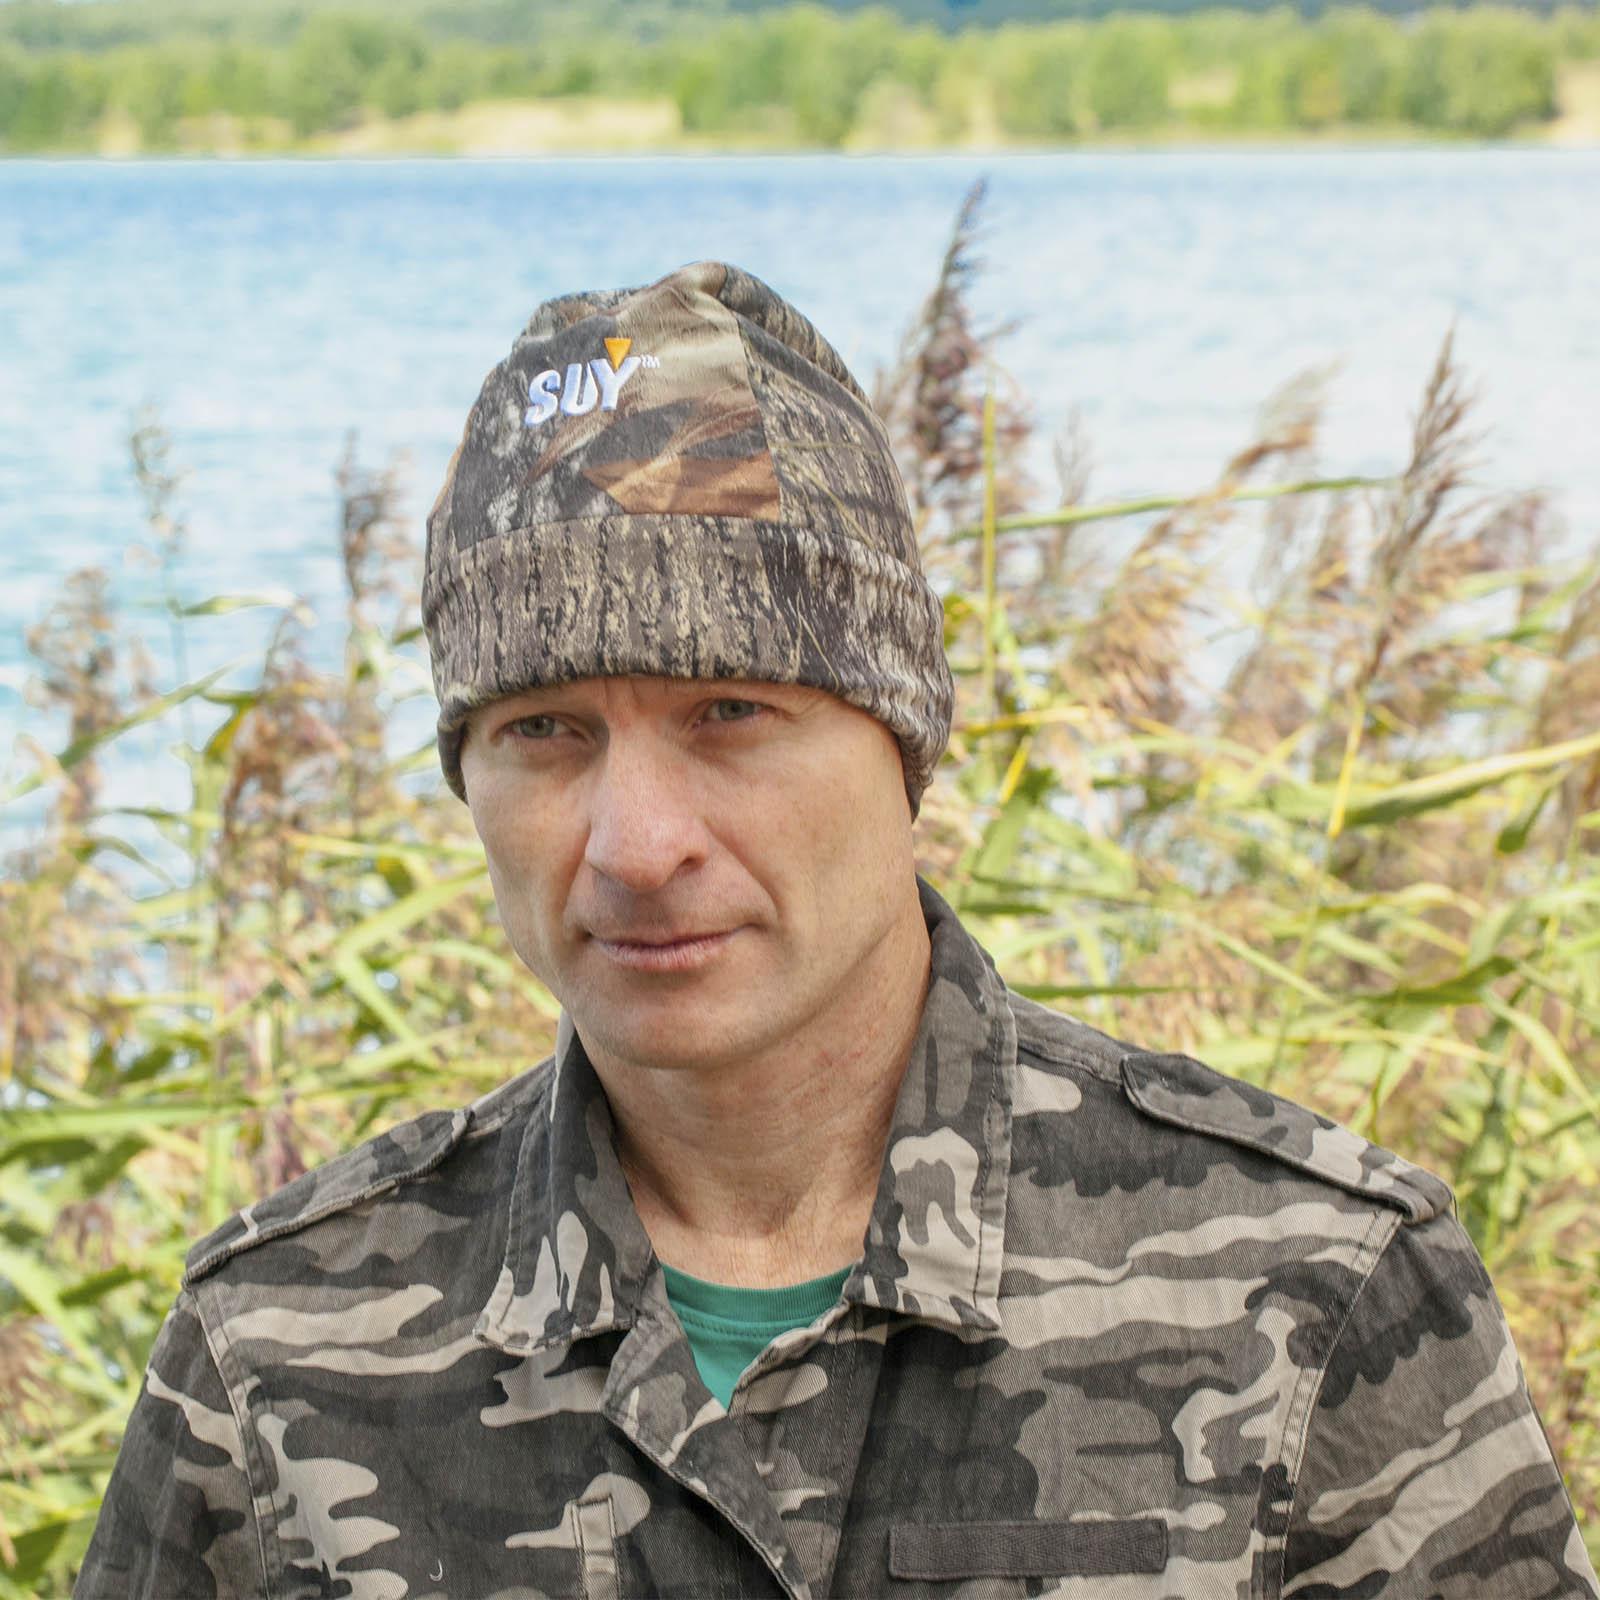 Купить камуфляжную шапку для охоты